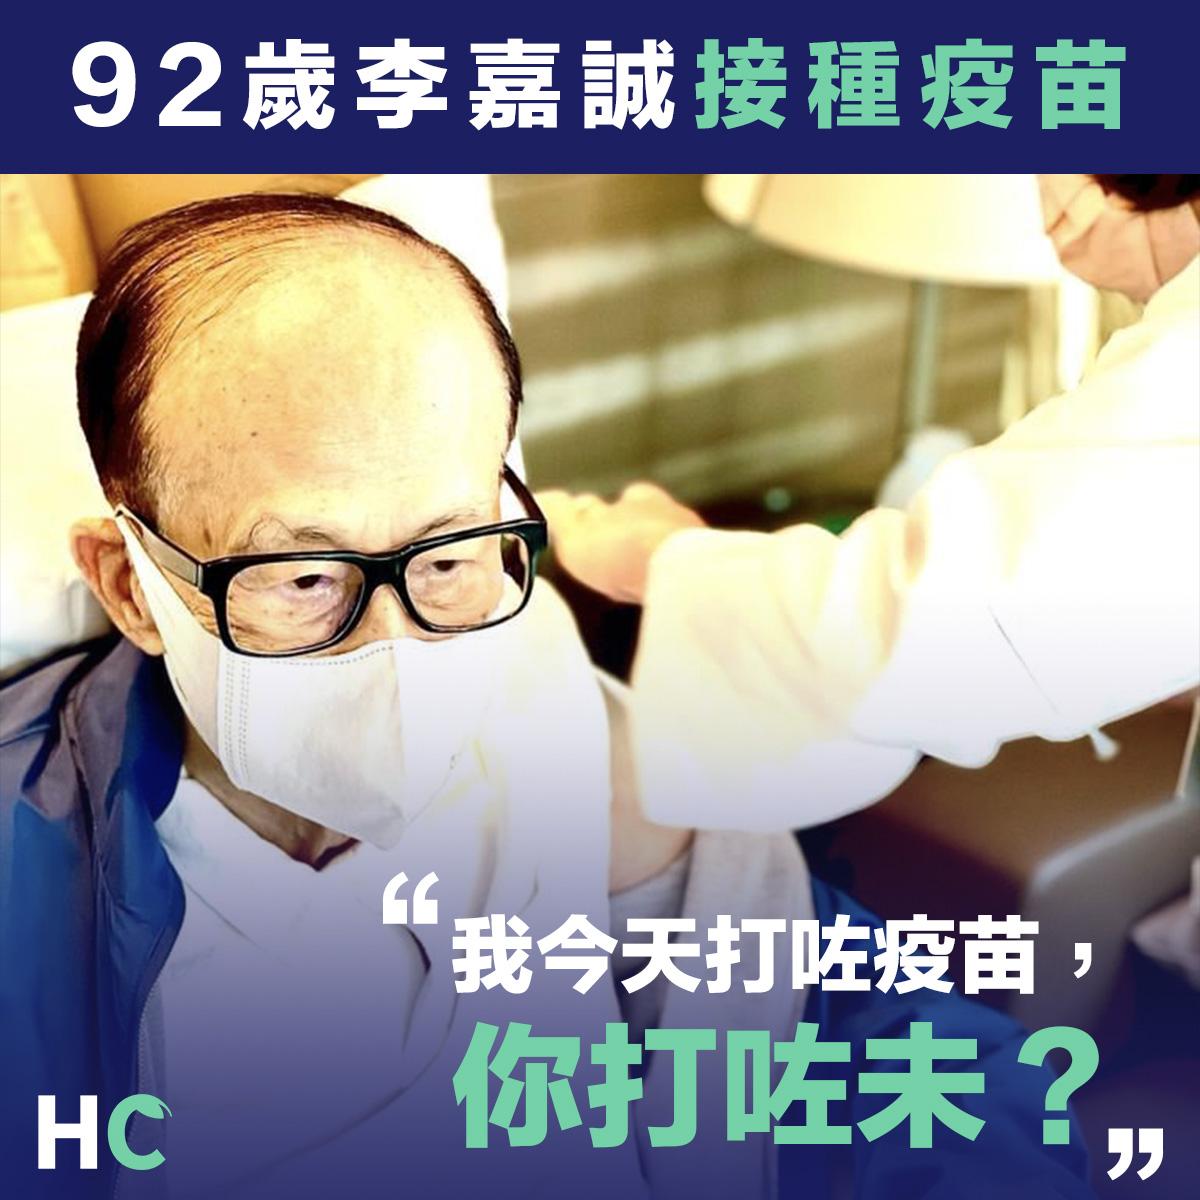 92歲李嘉誠接種疫苗 問「你打咗未?」